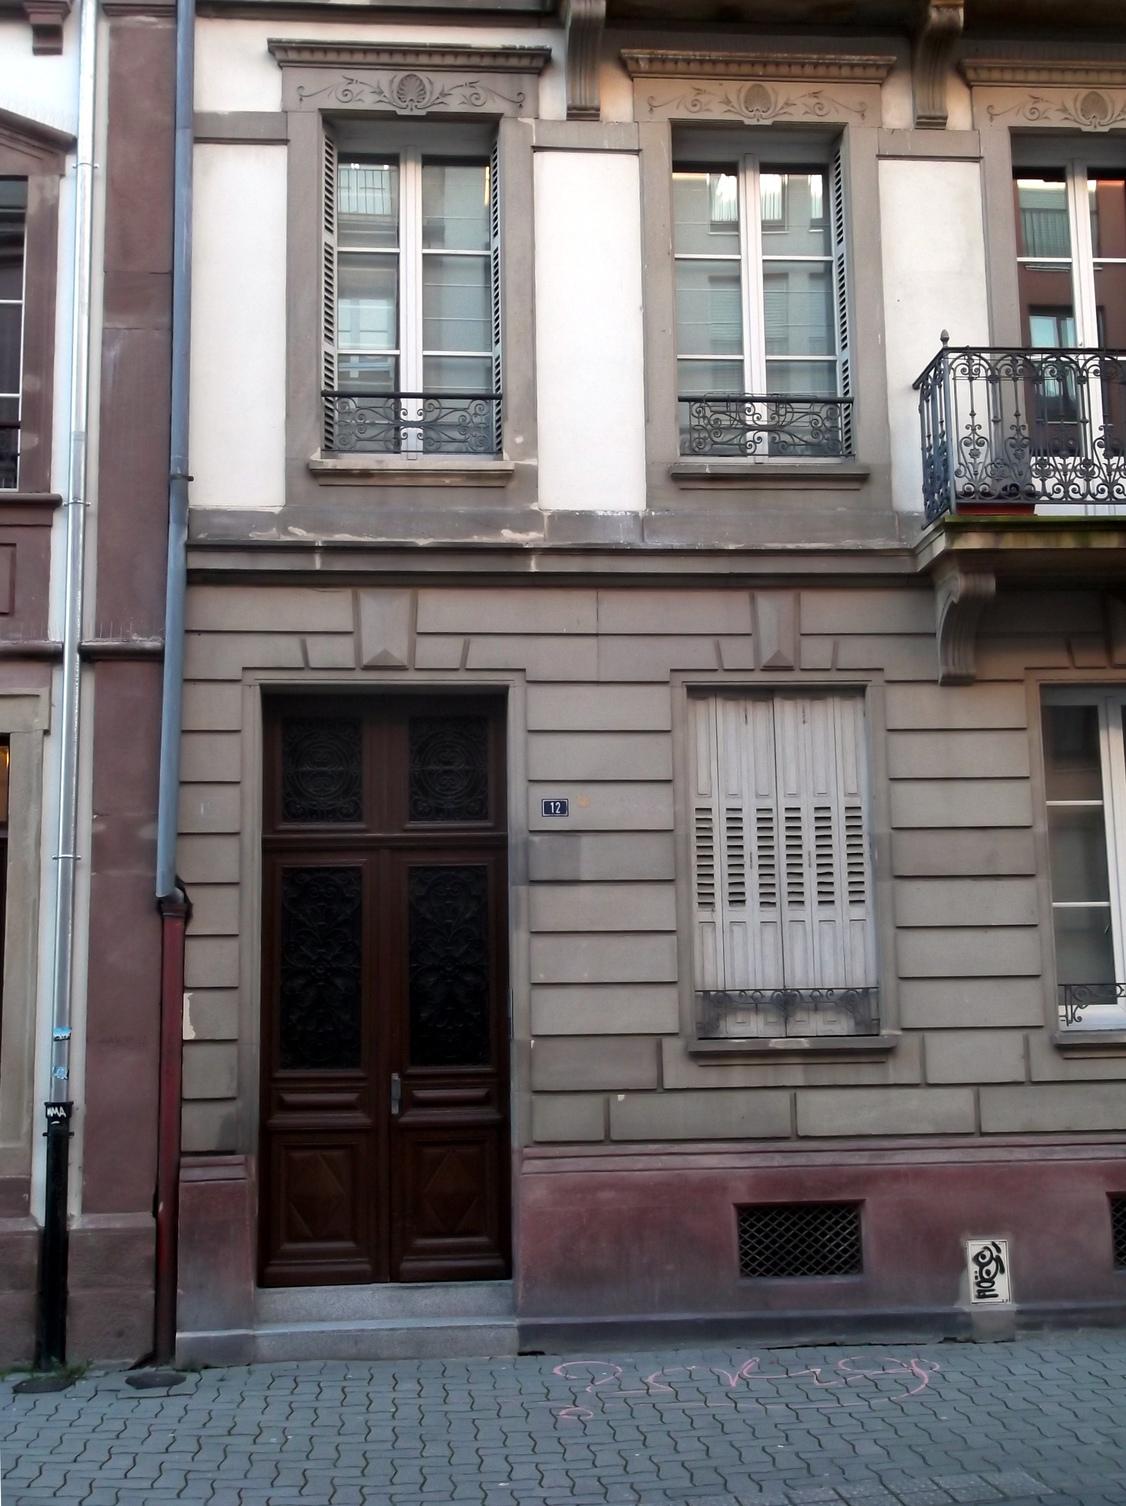 Le N° 12 Est La Maison Du Milieu, Le Balcon Au Premier Et Au Troisième  étage Se Trouve Devant La Fenêtre Centrale, Au Deuxième étage Devant Trois  Fenêtres ...